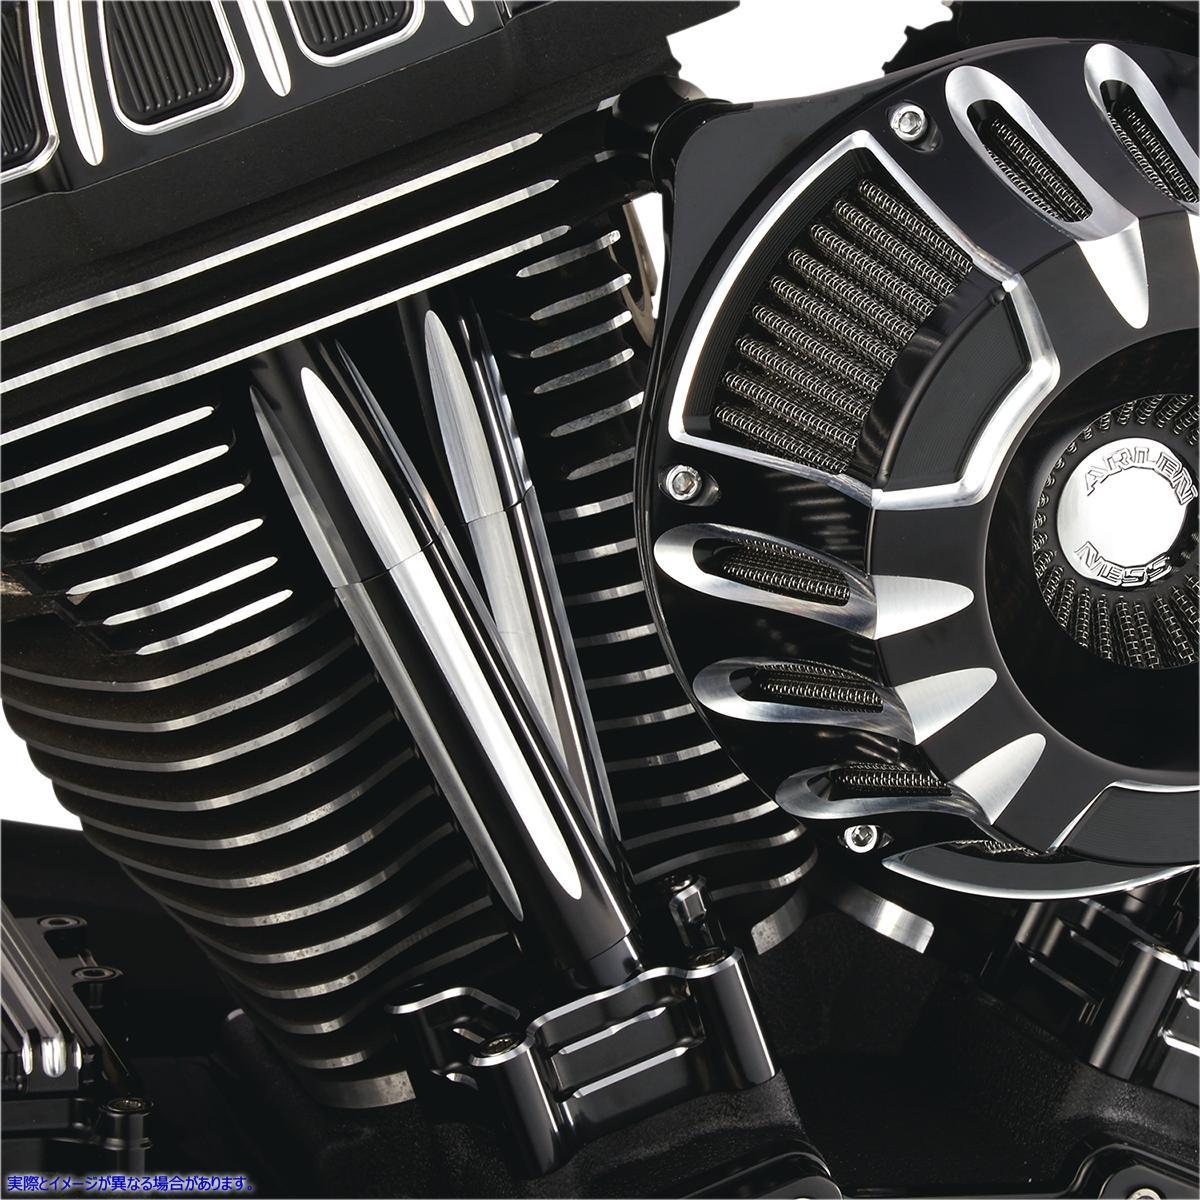 【取寄せ】 アレンネス 03-631 ARLEN NESS Deep Cut Pushrod Covers - Black 09280087 ( 0928-0087 ドラッグスペシャリティーズ DRAG SPEC